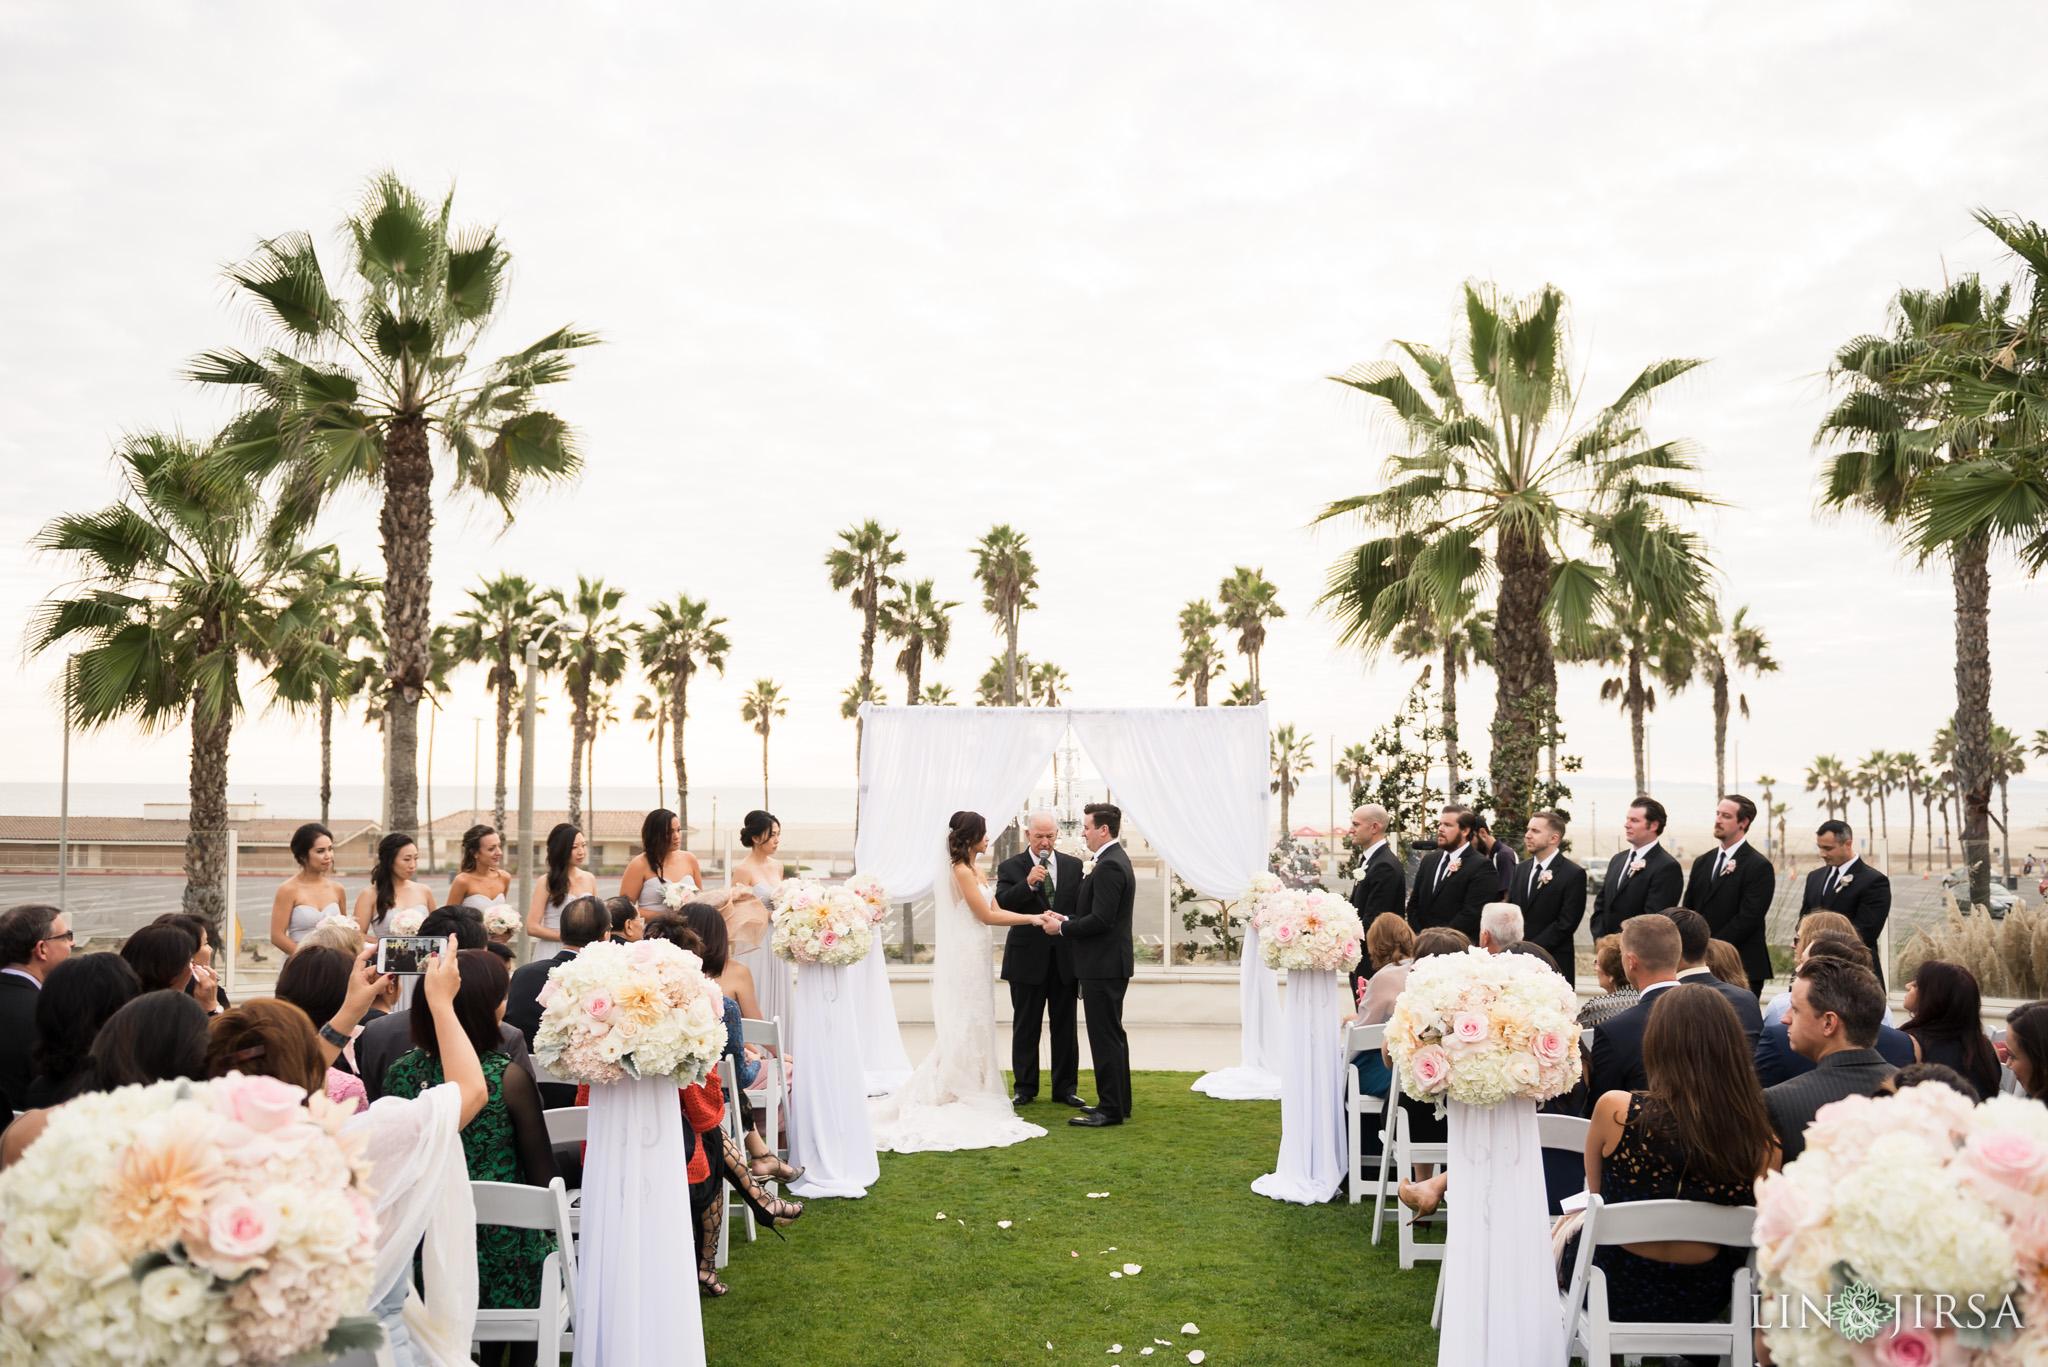 Huntington Beach Hyatt Regency Wedding  Irene  Daniel